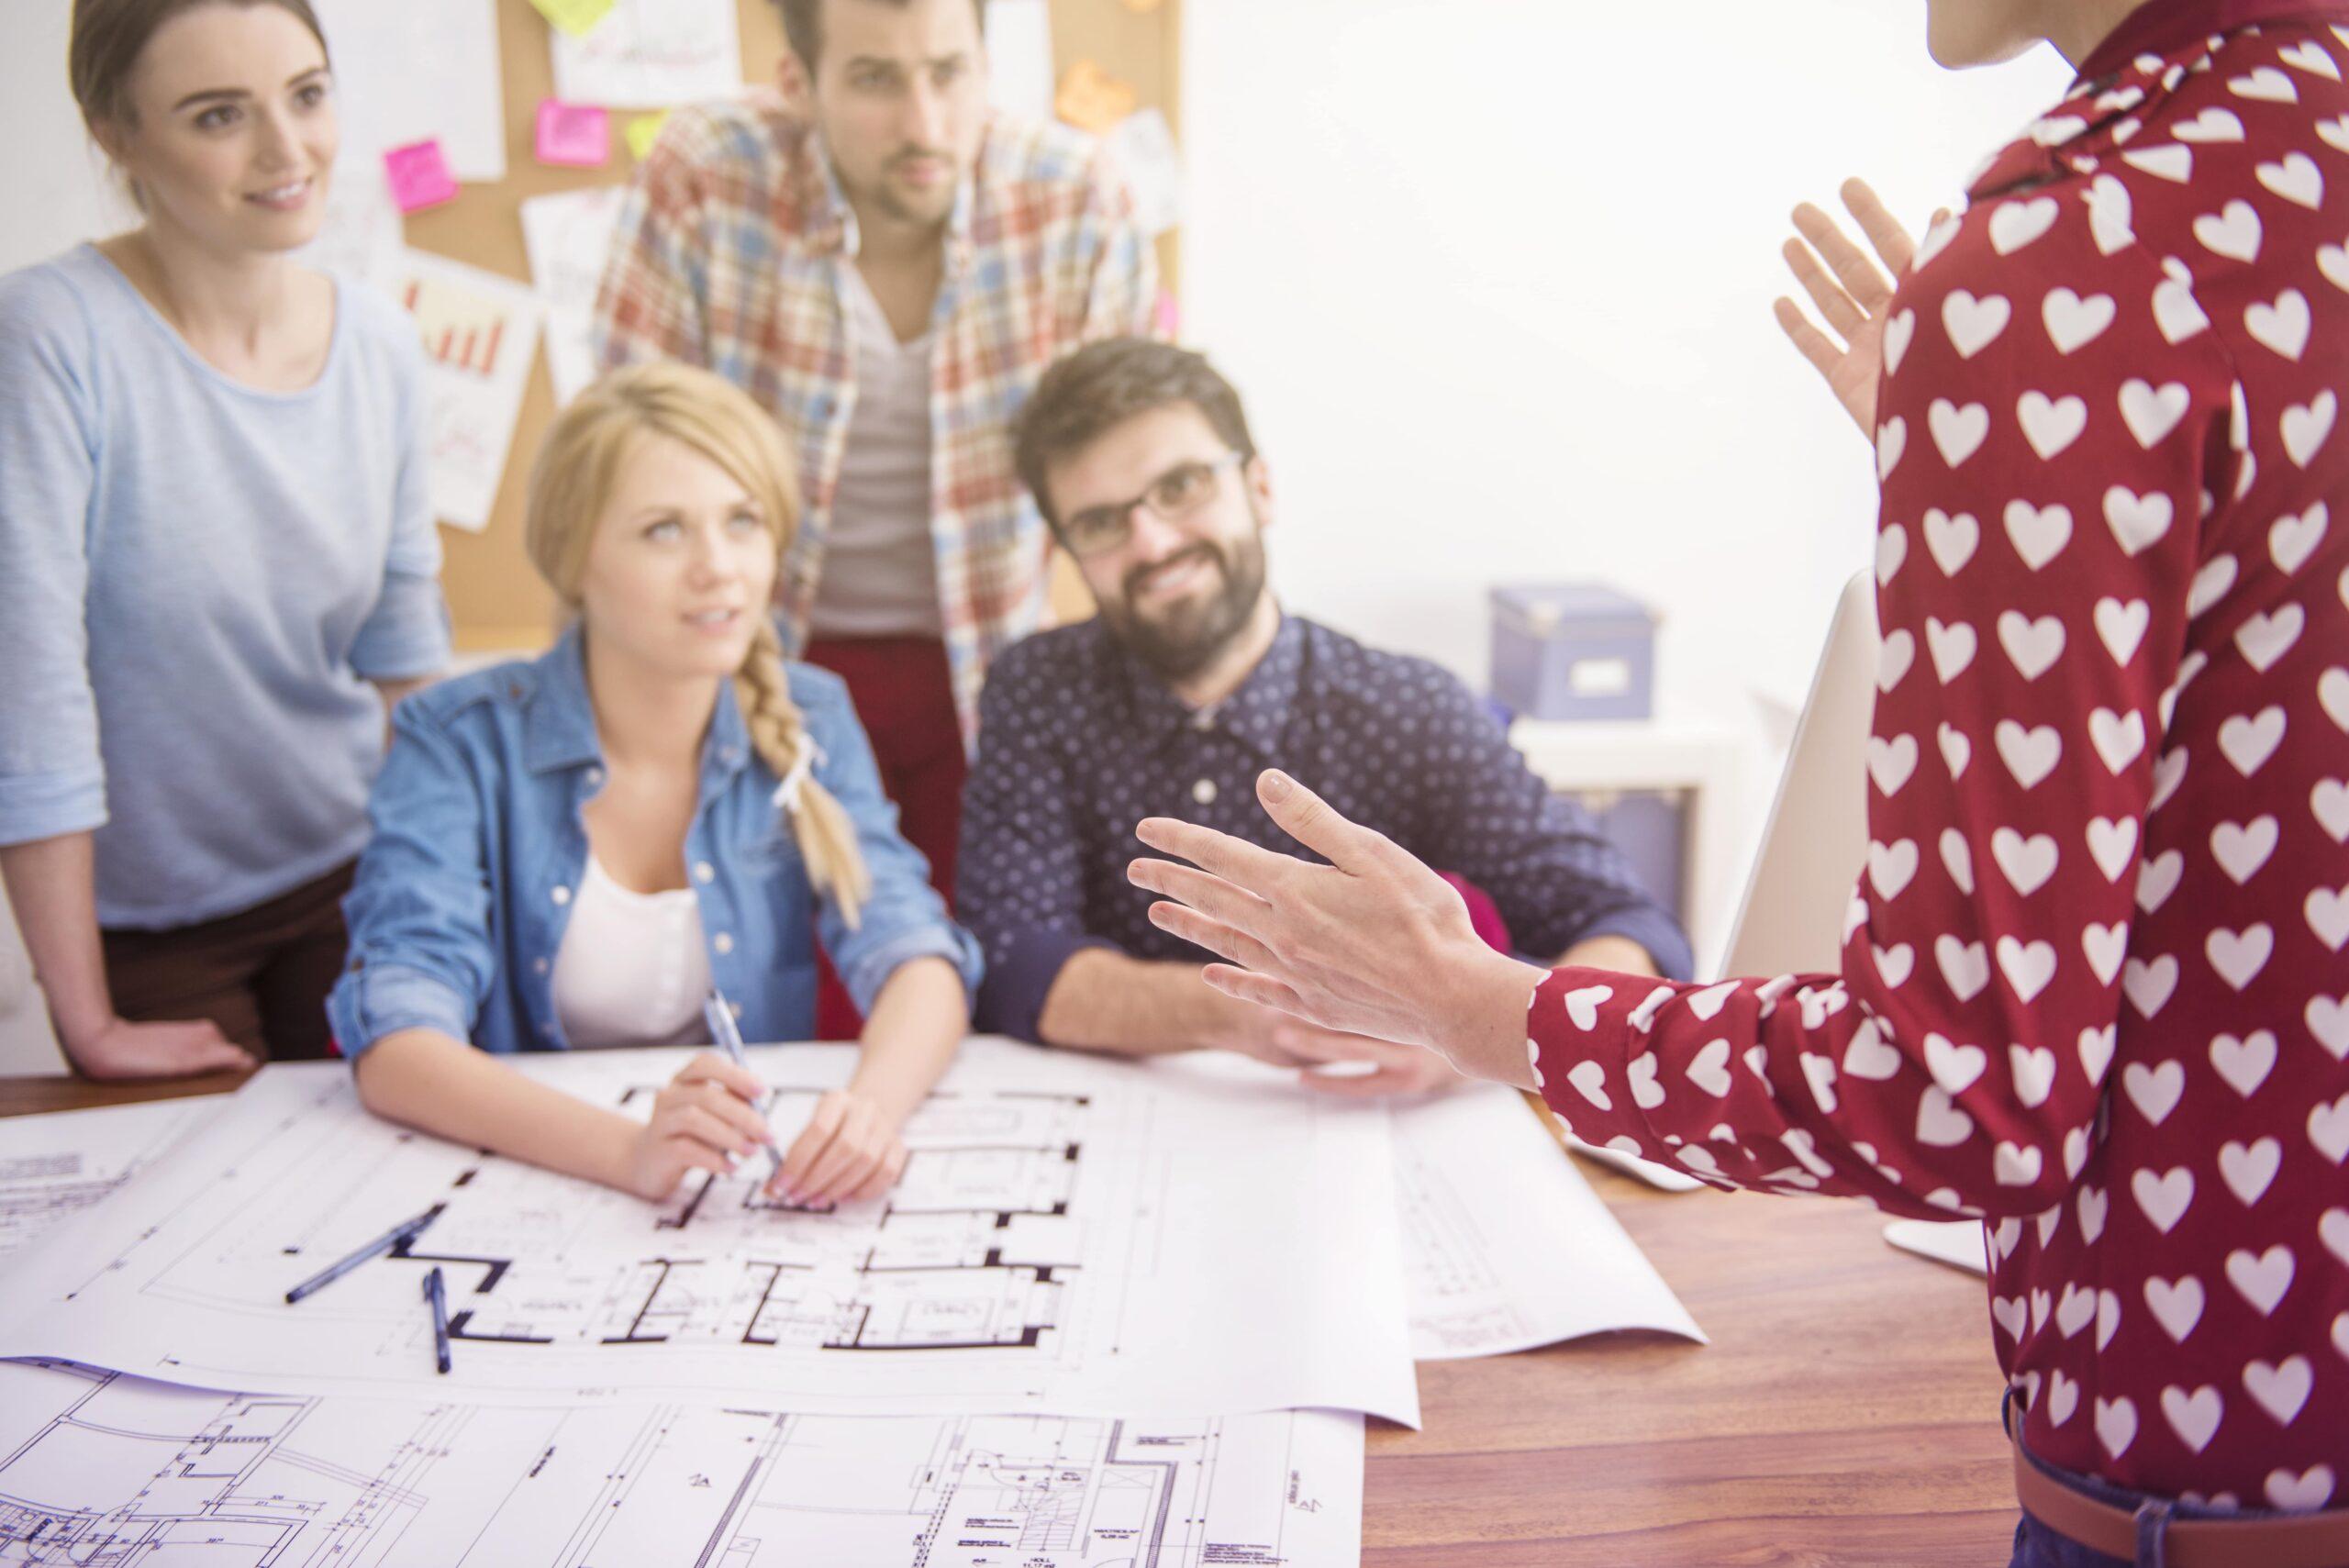 Giúp bạn hình thành kỹ năng tập trung và lắng nghe - WORKSHOP: ỨNG DỤNG SKETCHNOTE TRONG HỌC TẬP